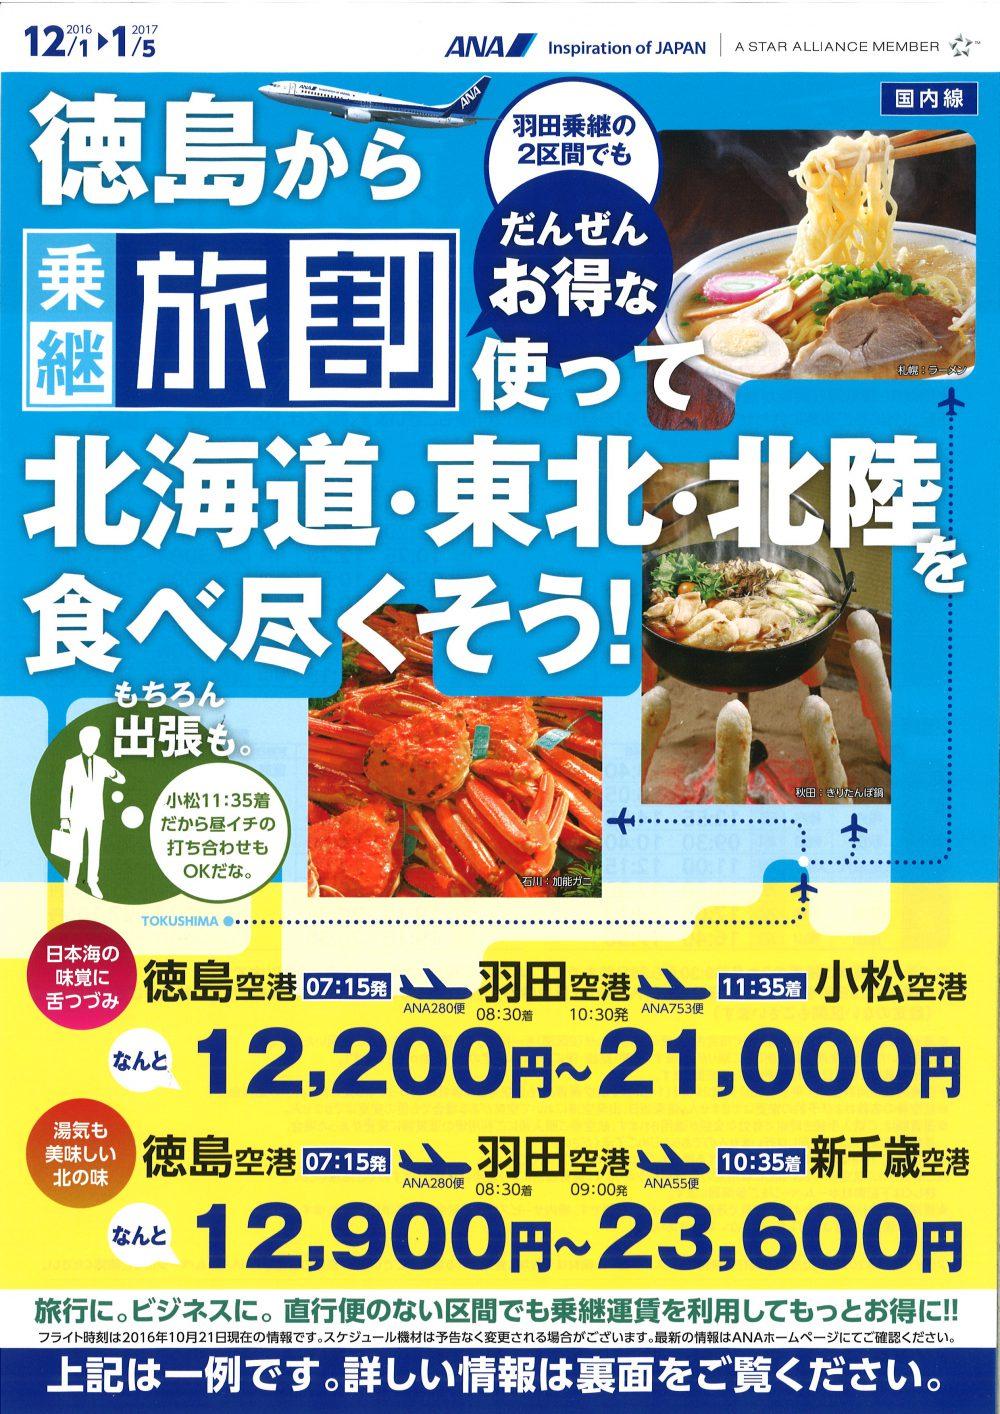 ANA乗継チラシ(オモテ面)